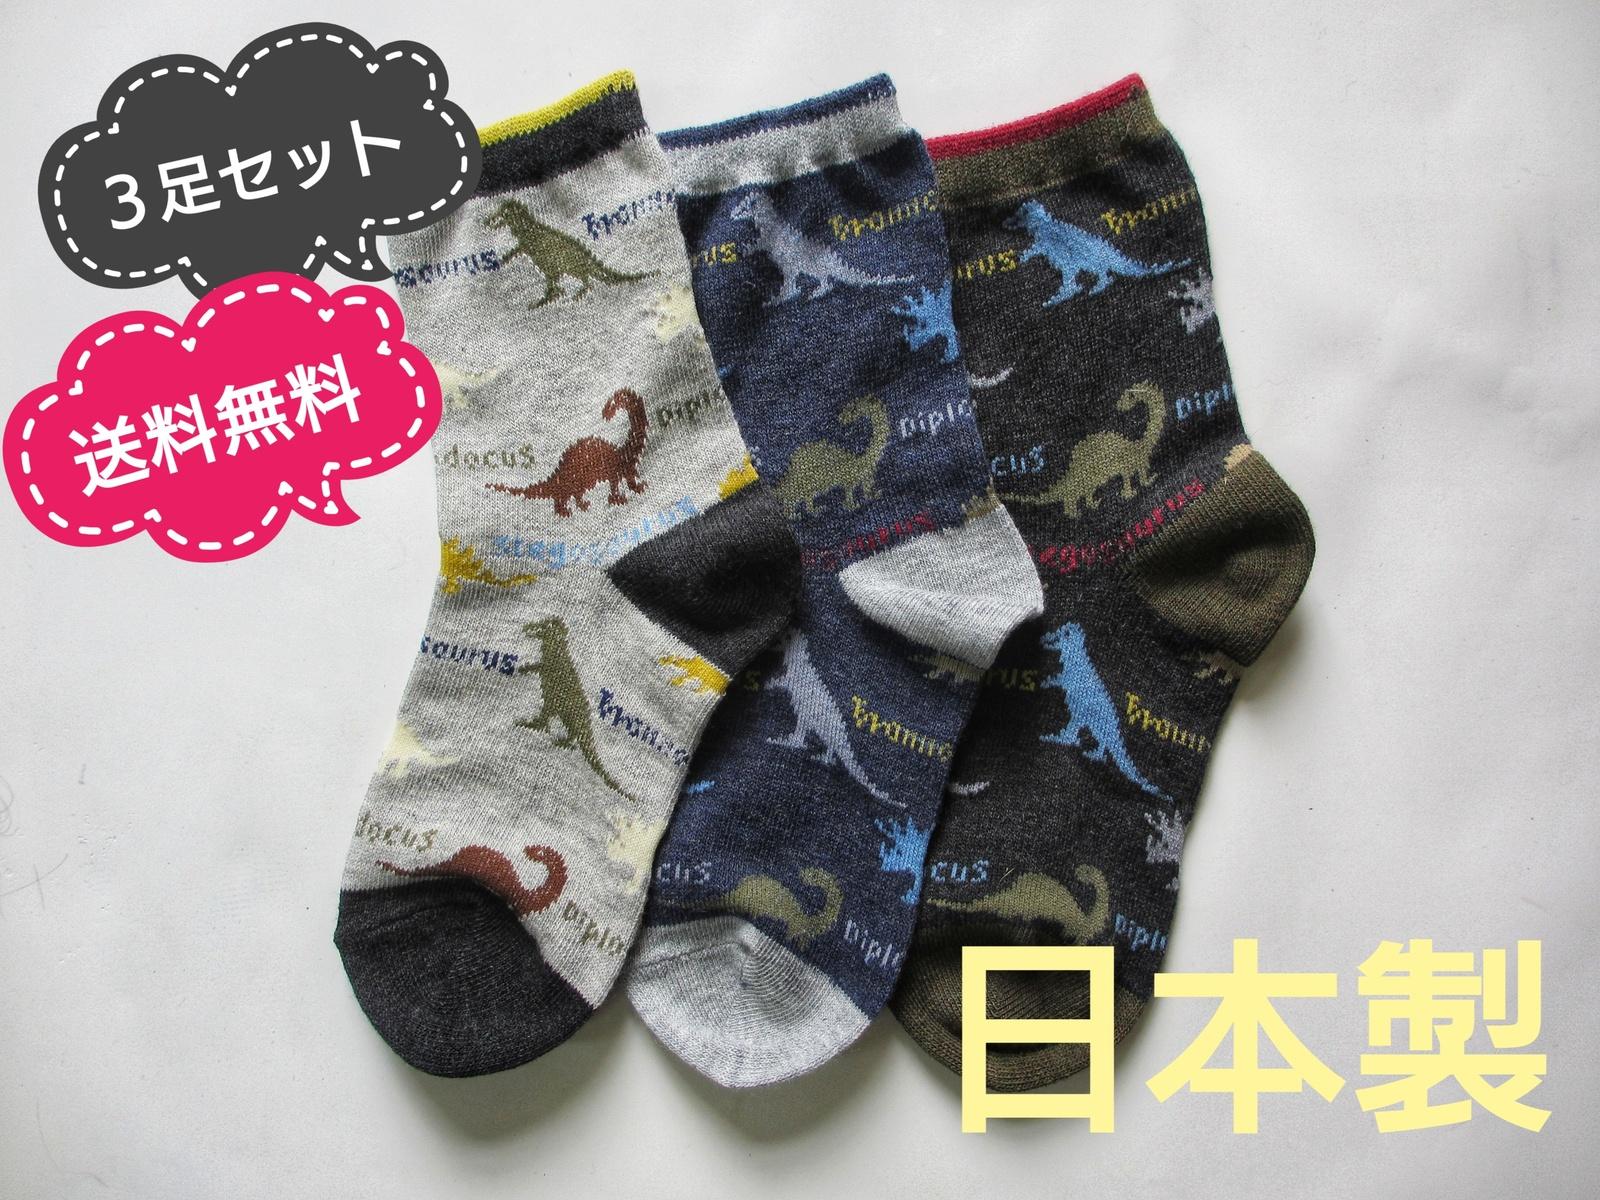 新作多数 ヤマモトソックス 日本製 3足セット 送料無料 子供 靴下 定価の67%OFF キッズ 恐竜柄クルーソックス13~15cm 19~22cm 13~15cm 恐竜柄クルーソックス 子供用靴下 16~18cm 男の子